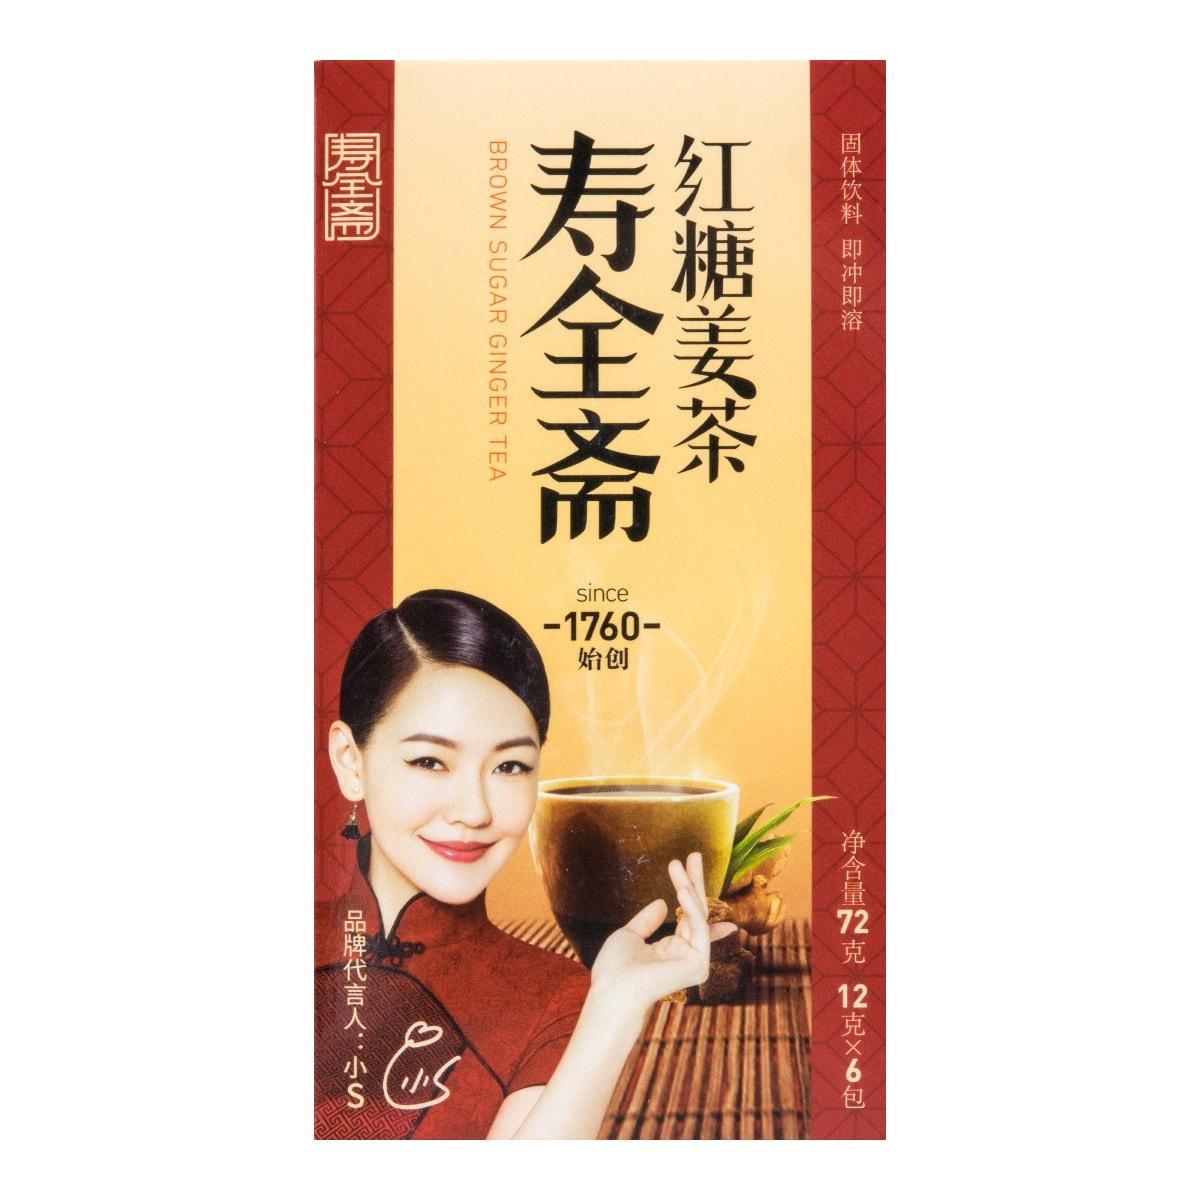 寿全斋 速溶姜汁暖贡姜茶 红糖姜茶 12gx6条 72g